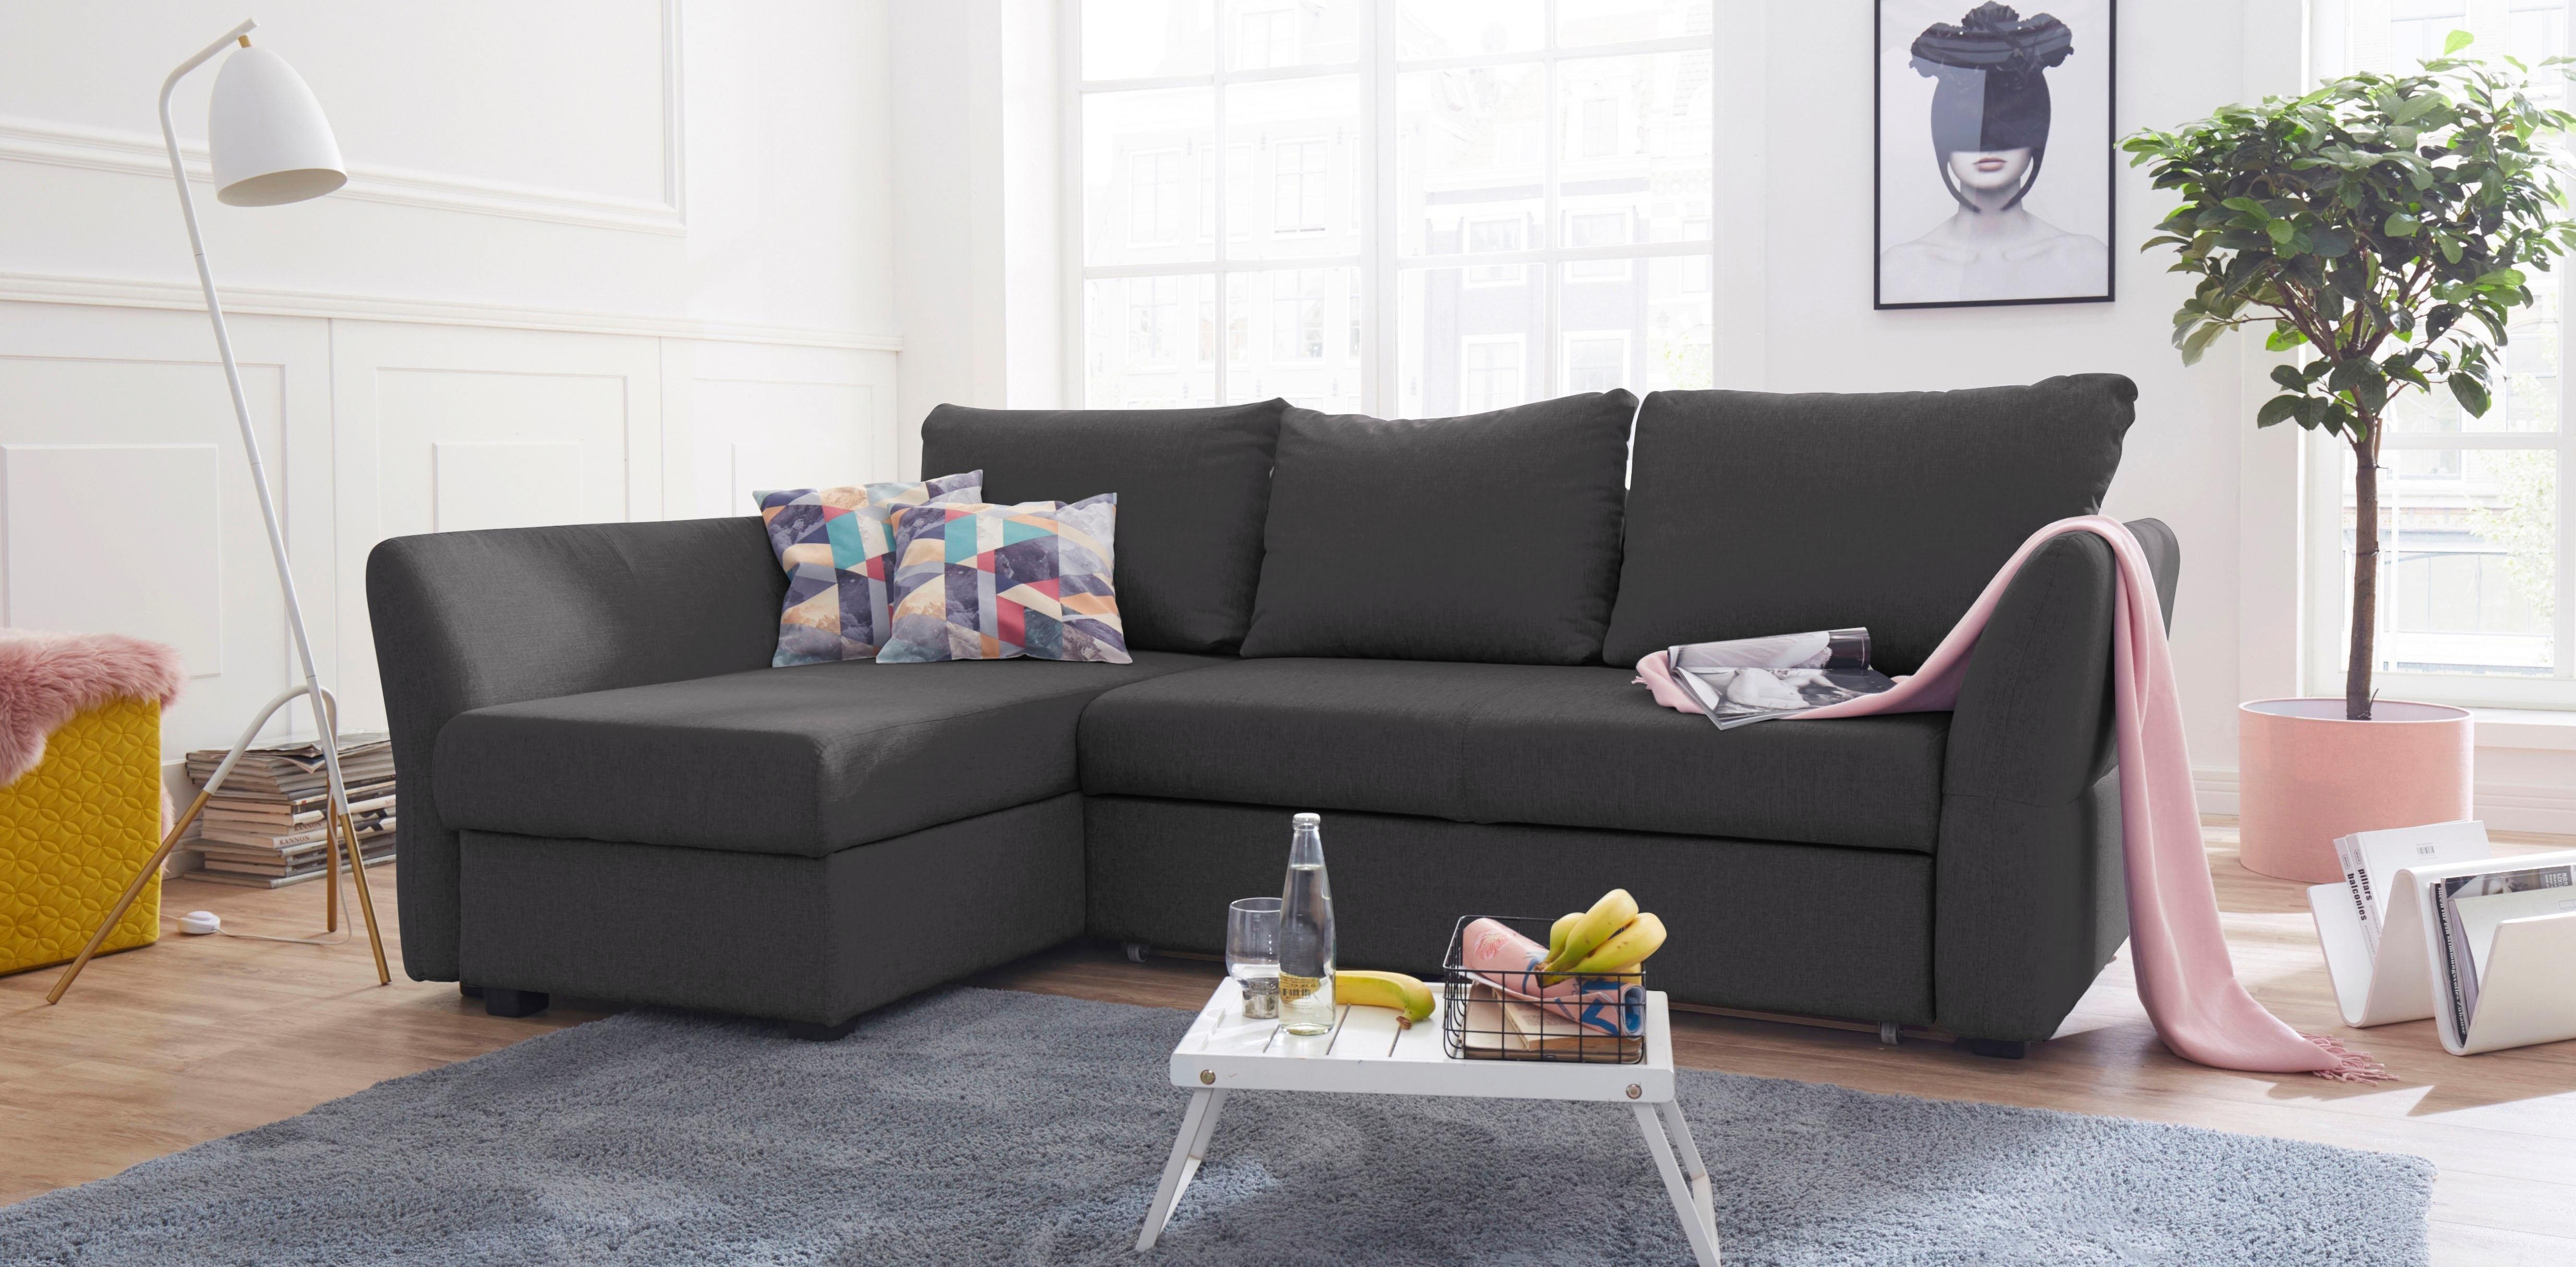 ATLANTIC home collection hoekbank inclusief bedfunctie en bedkist veilig op otto.nl kopen